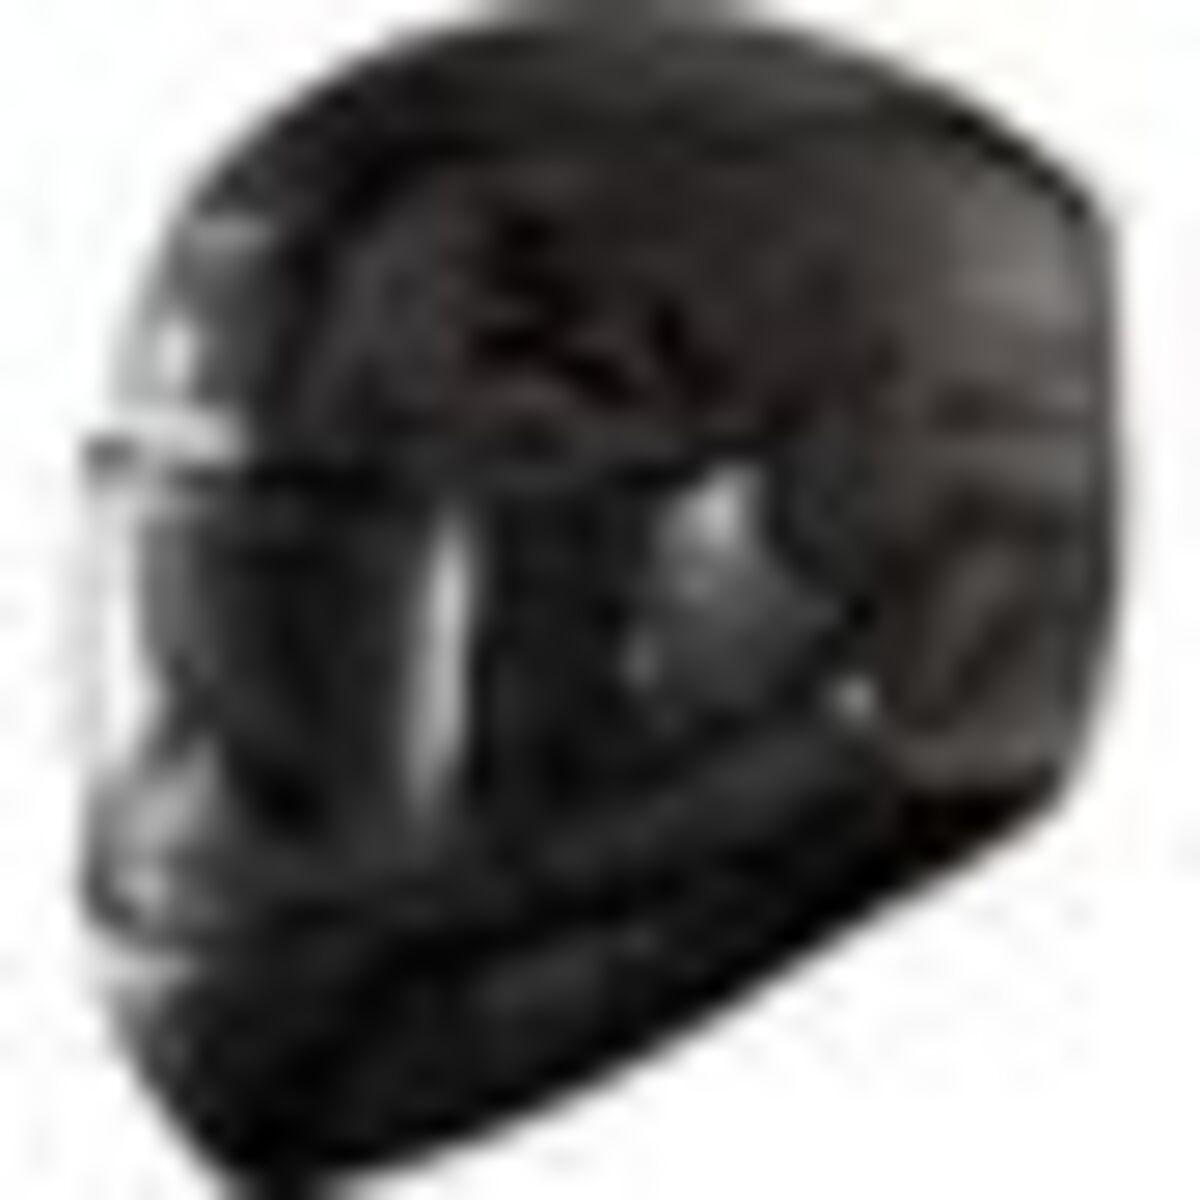 Bild 3 von Shark helmets            D-SKWAL Saurus Schwarz/Weiß/Grau Matt